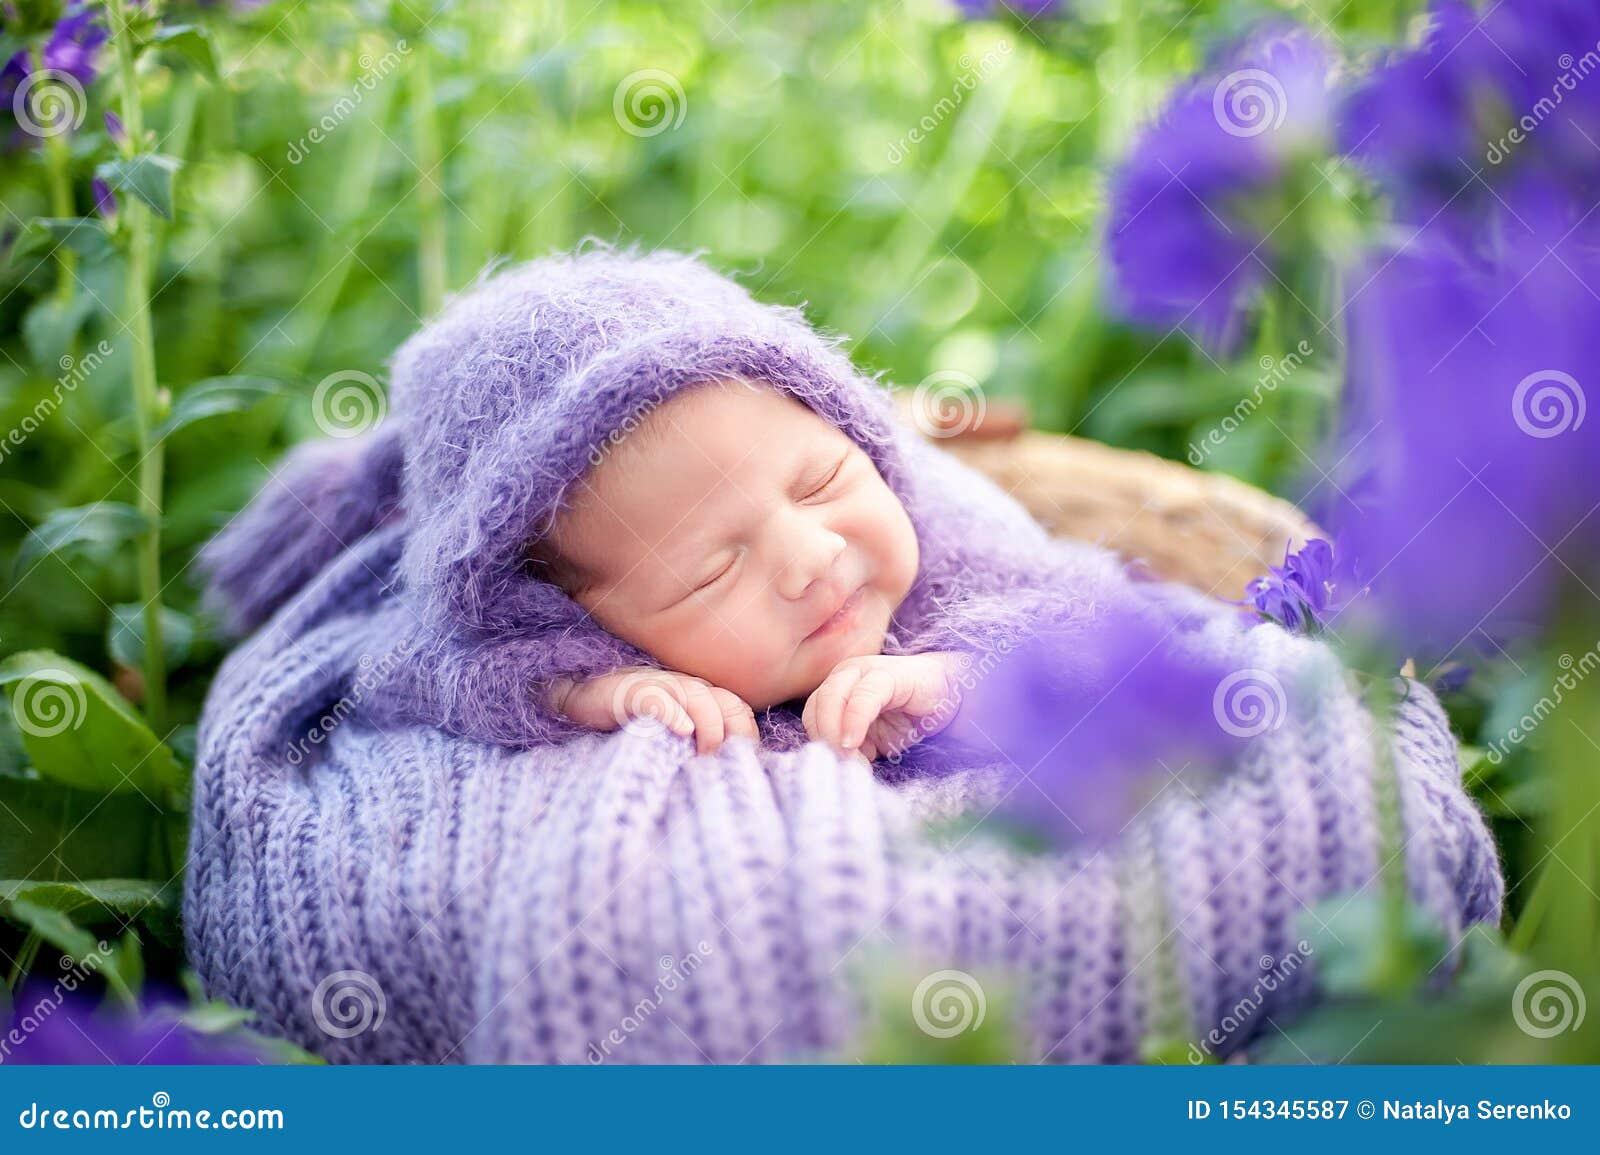 17 ημέρα που χαμογελά το νεογέννητο μωρό κοιμάται στο στομάχι του στο καλάθι στη φύση στον κήπο υπαίθριο